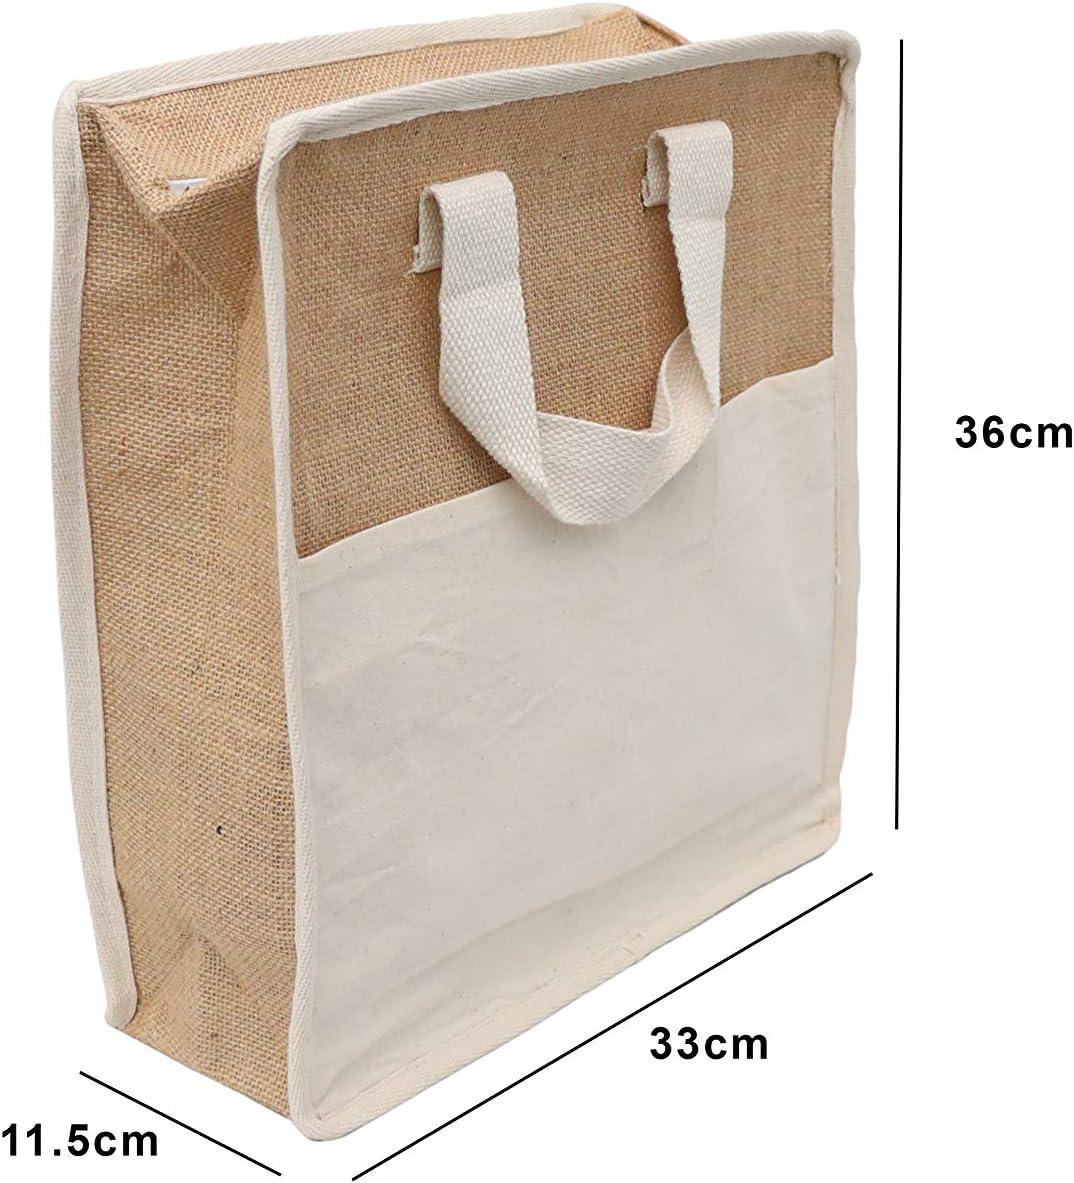 Bolsas de yute de arpillera – bolsas de arpillera natural con asas de yute – bolsas reutilizables – bolsa de compra/bolsa de comestibles/bolsa de regalo, tela, marrón, 36*33*11.5